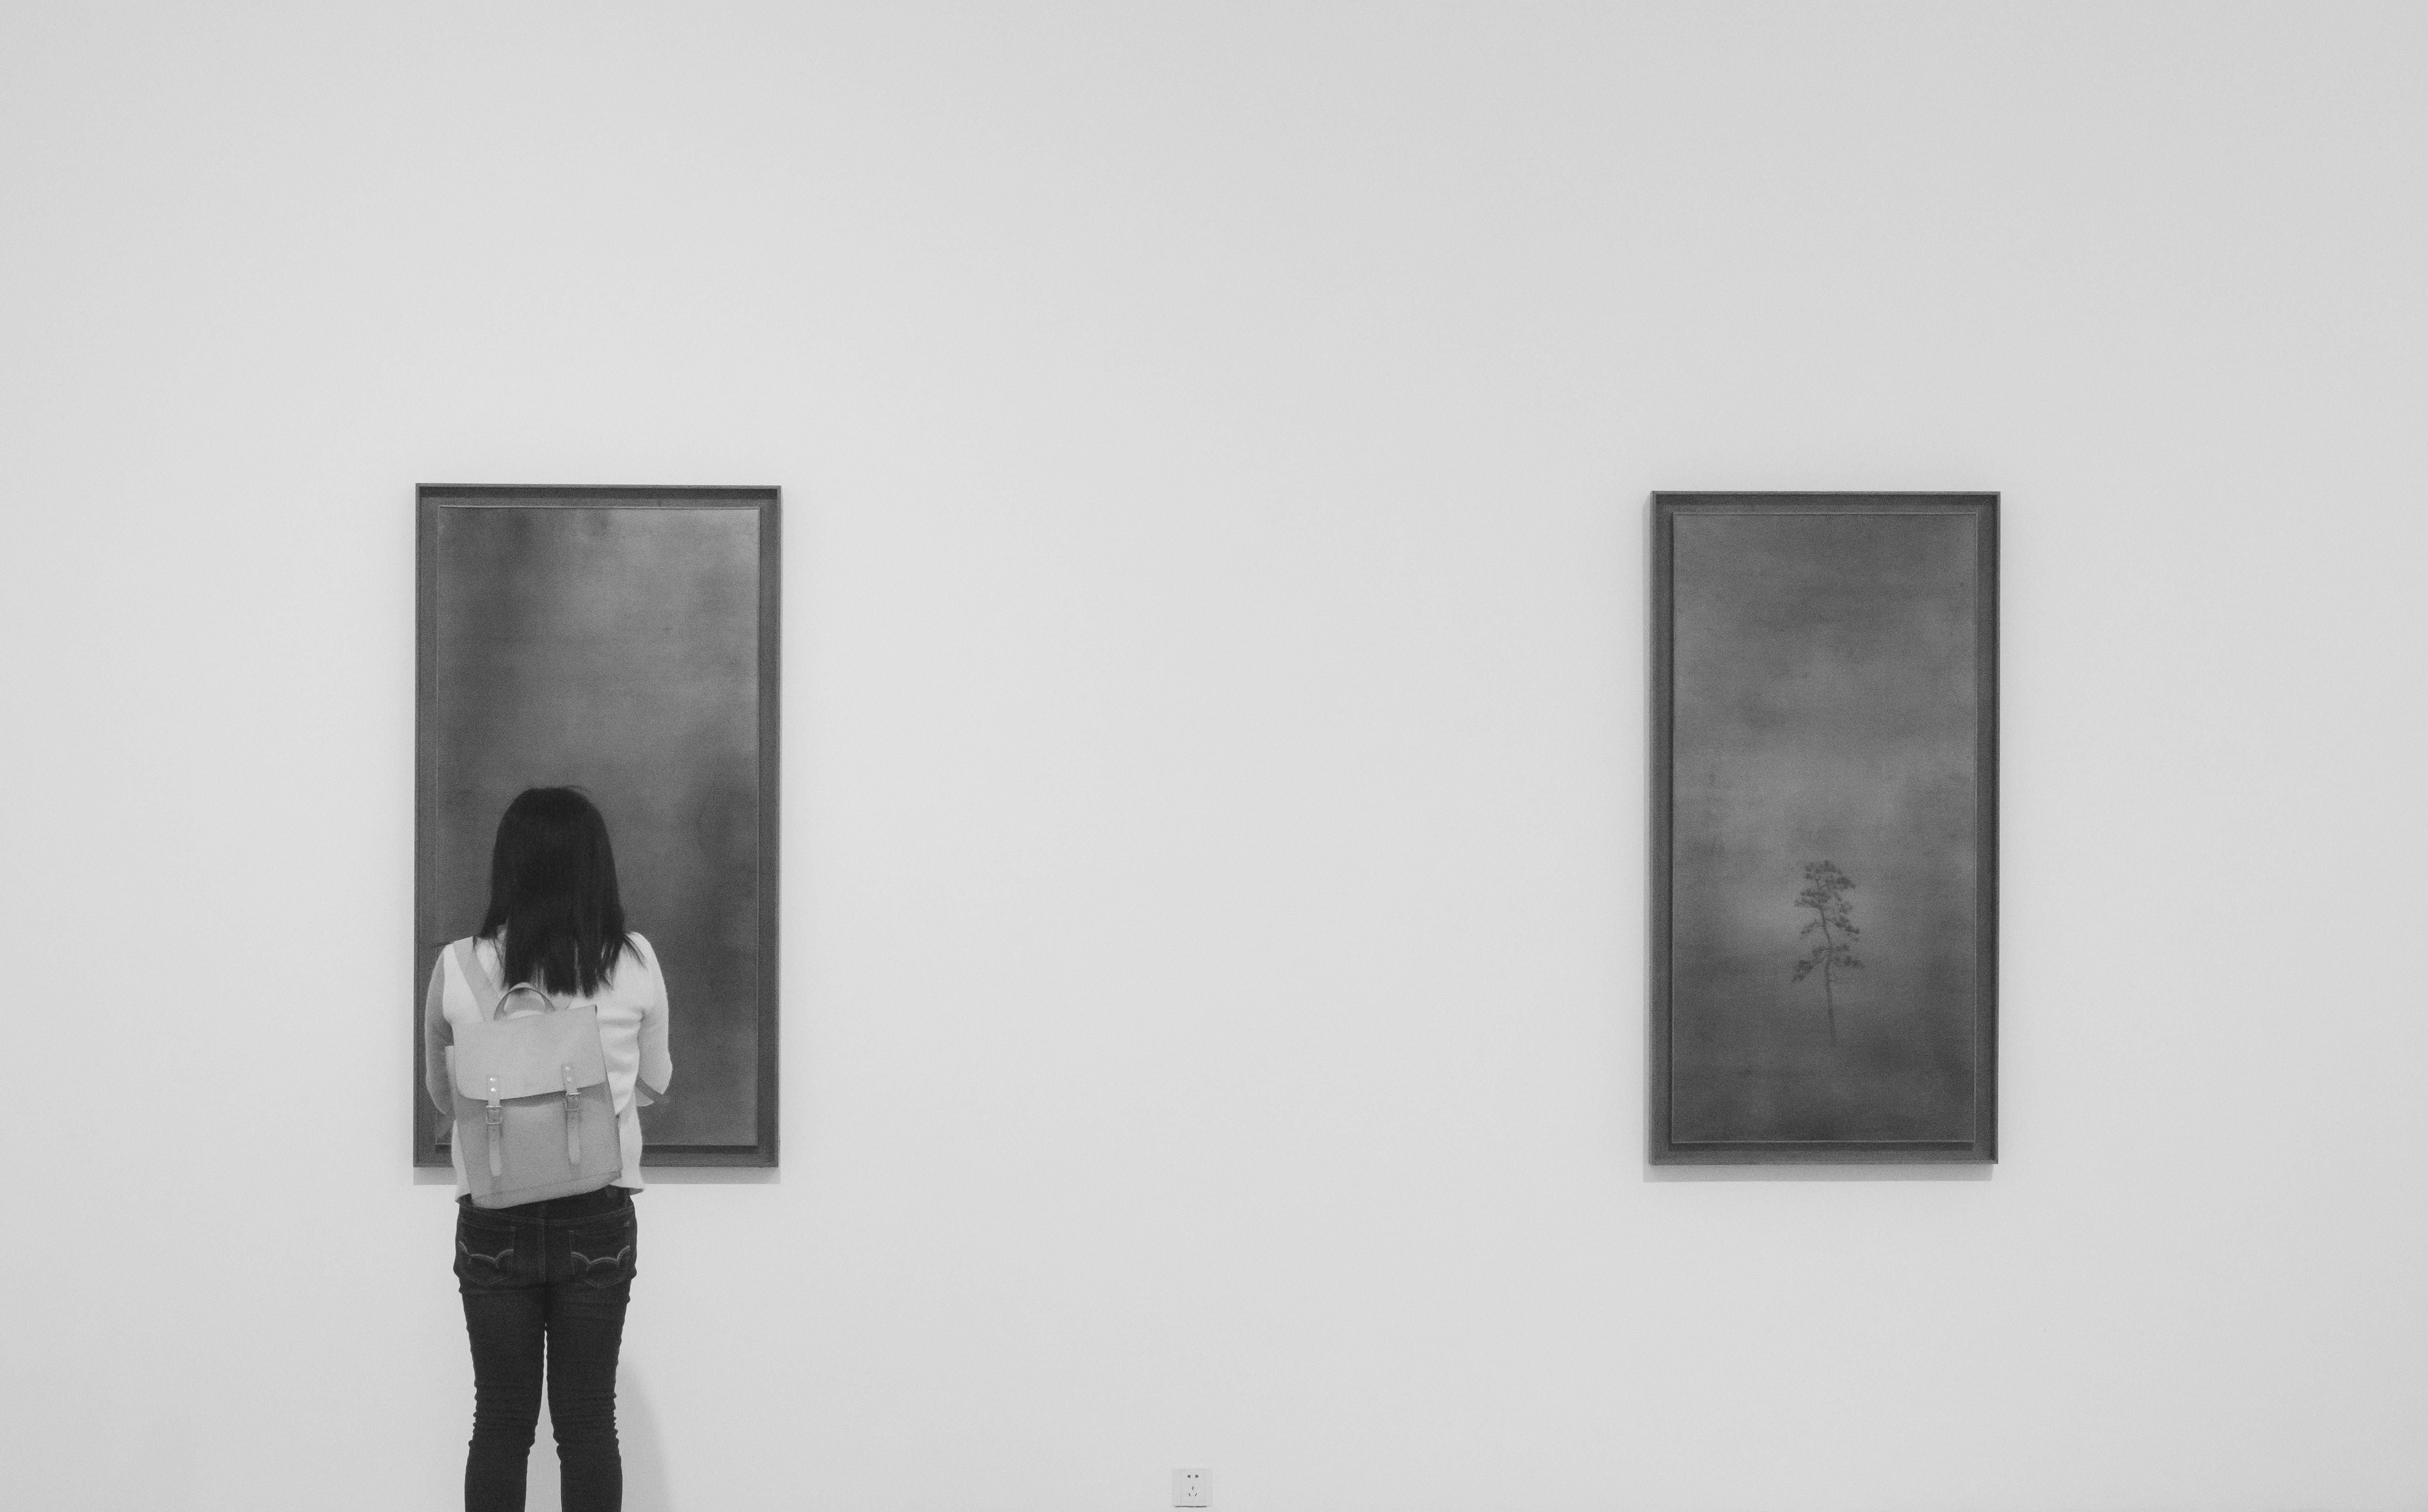 무료 이미지 : 검정색과 흰색, 화이트, 사진술, 벽, 검은, 단색화 ...